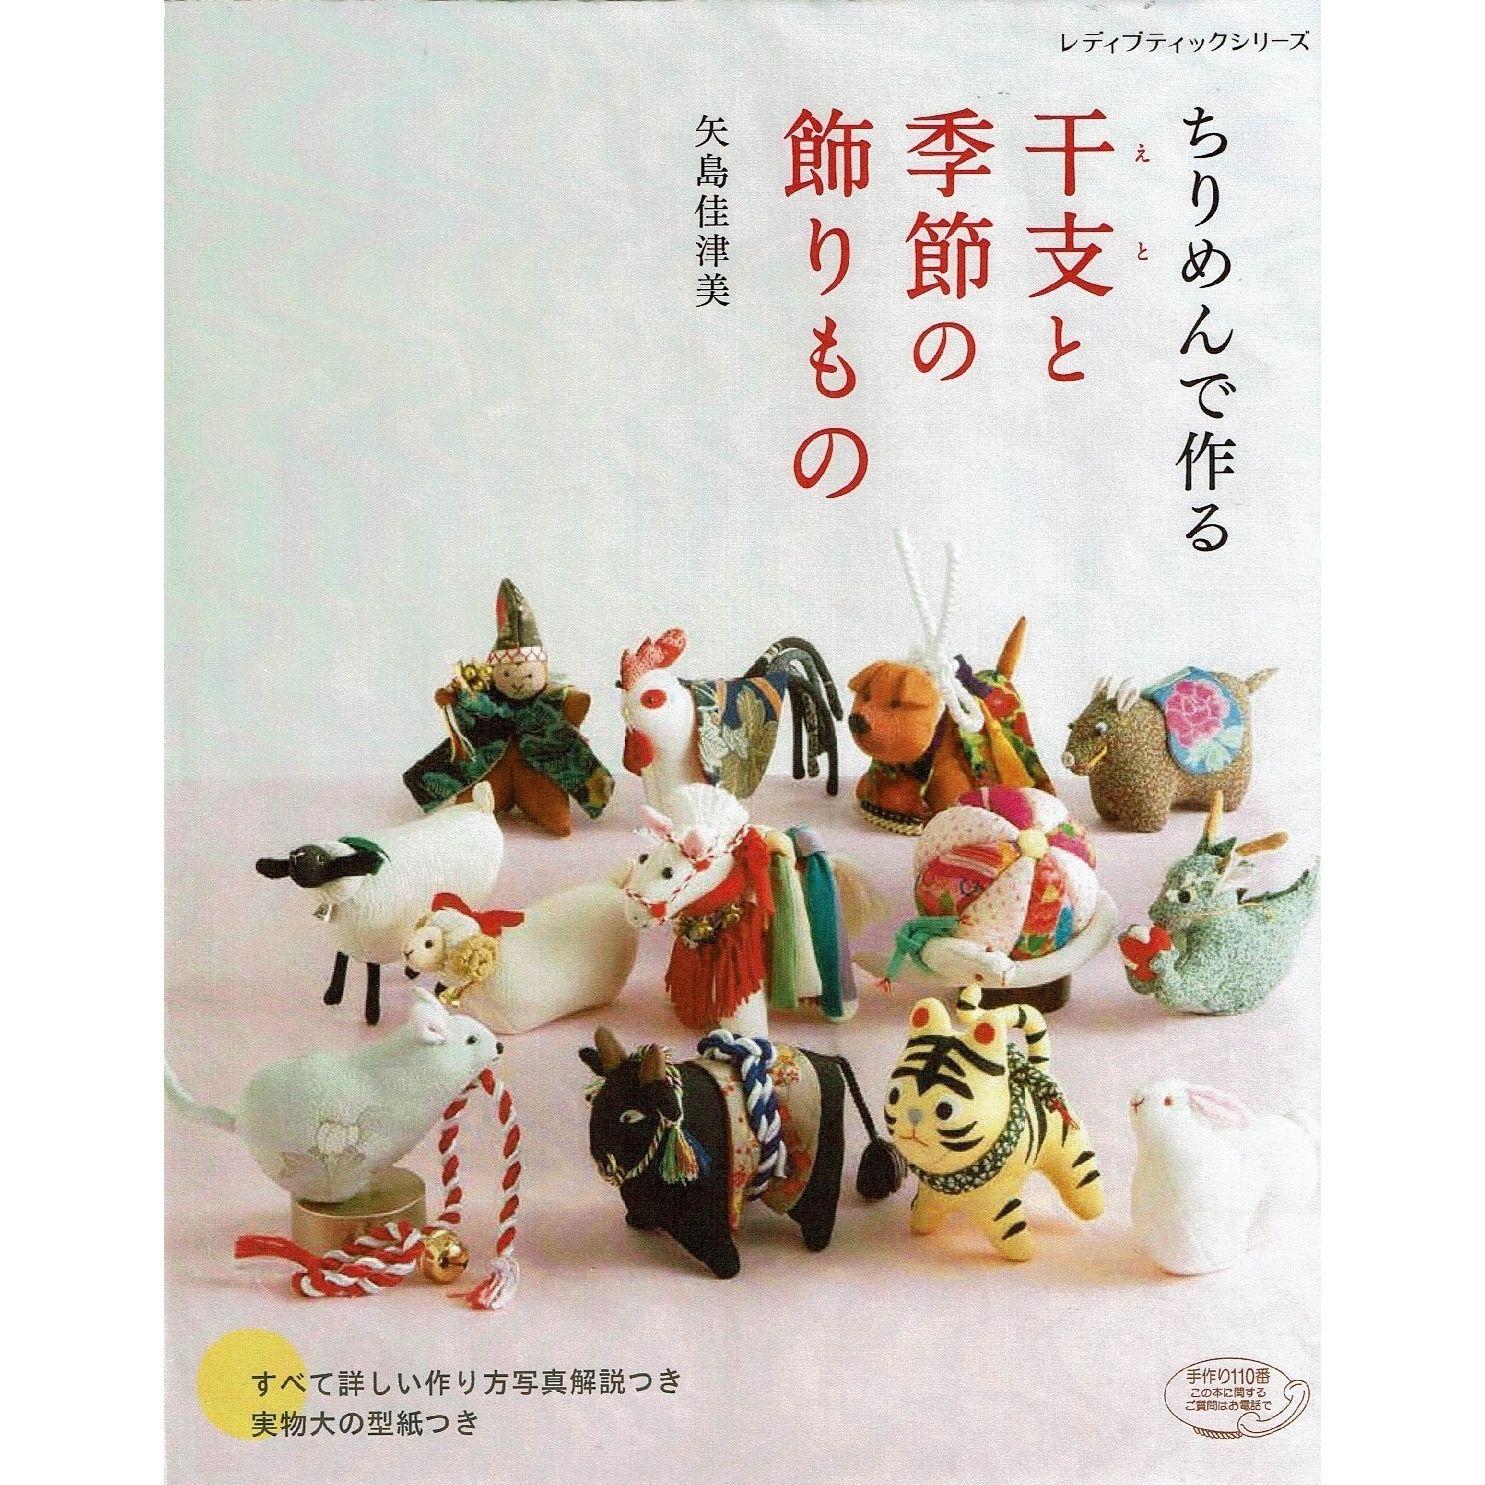 (送料無料)「ちりめんで作る干支と季節の飾りもの」ブティック社刊